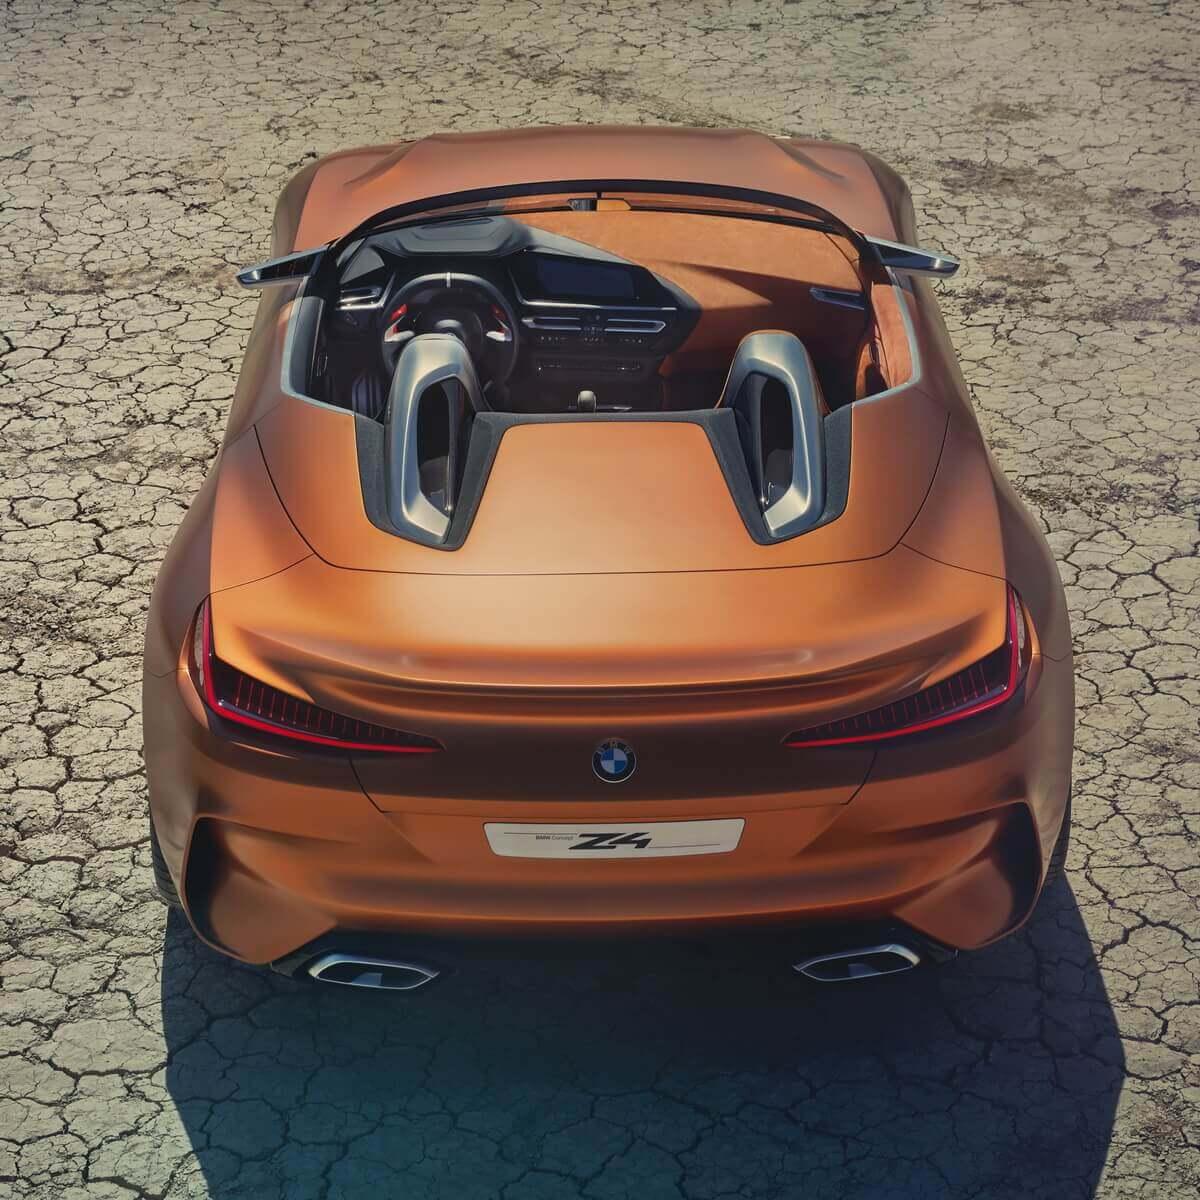 Bmw Z4 With Hardtop: BMW Z4 Concept